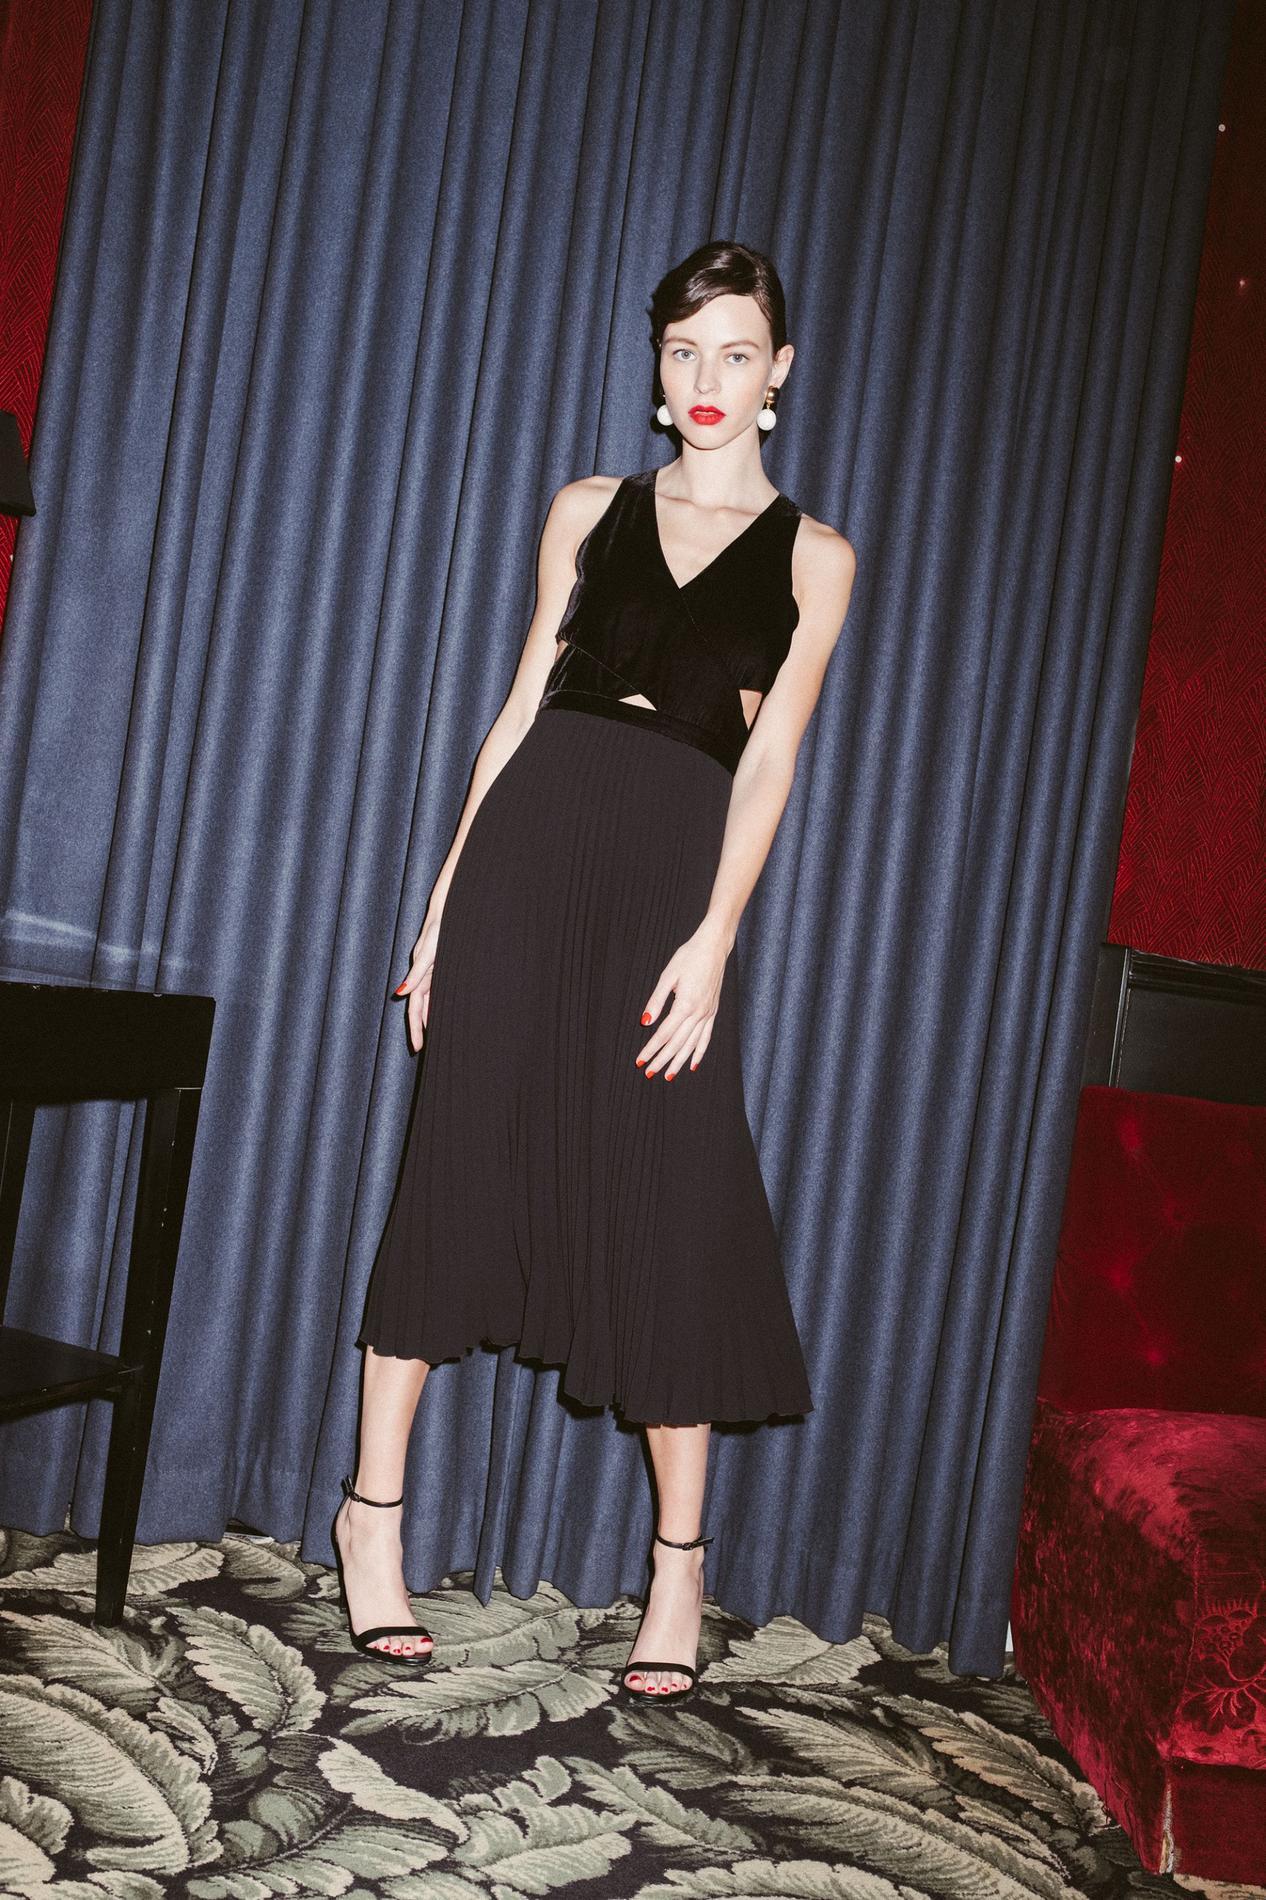 bedf30e39c0 ... Notre sélection de robes noires pour les fêtes de fin d année - Idano  ...